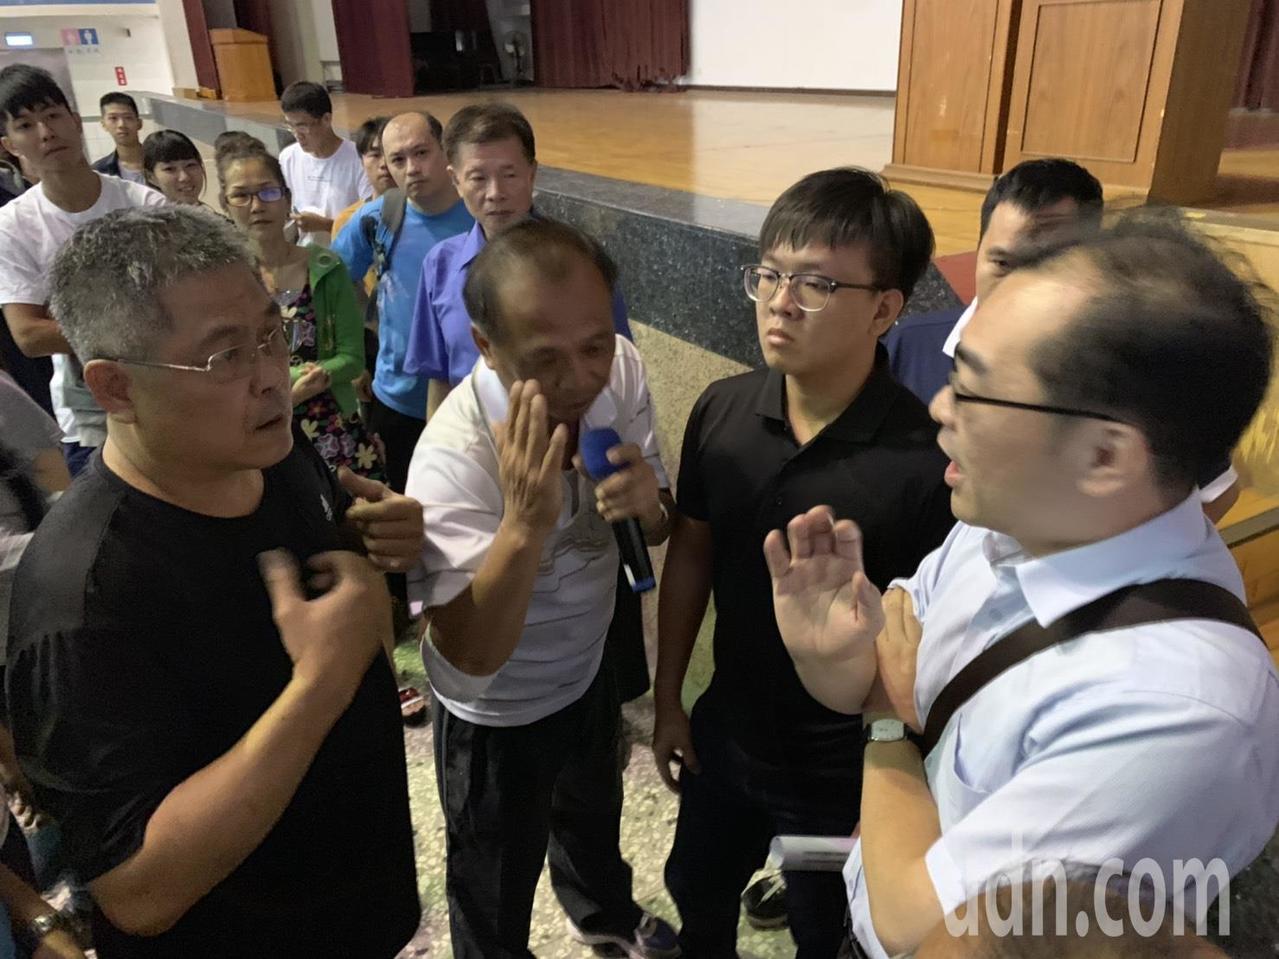 部分學生家長包圍教育部官員,表達希望在原學校畢業的心聲。記者吳淑玲/攝影